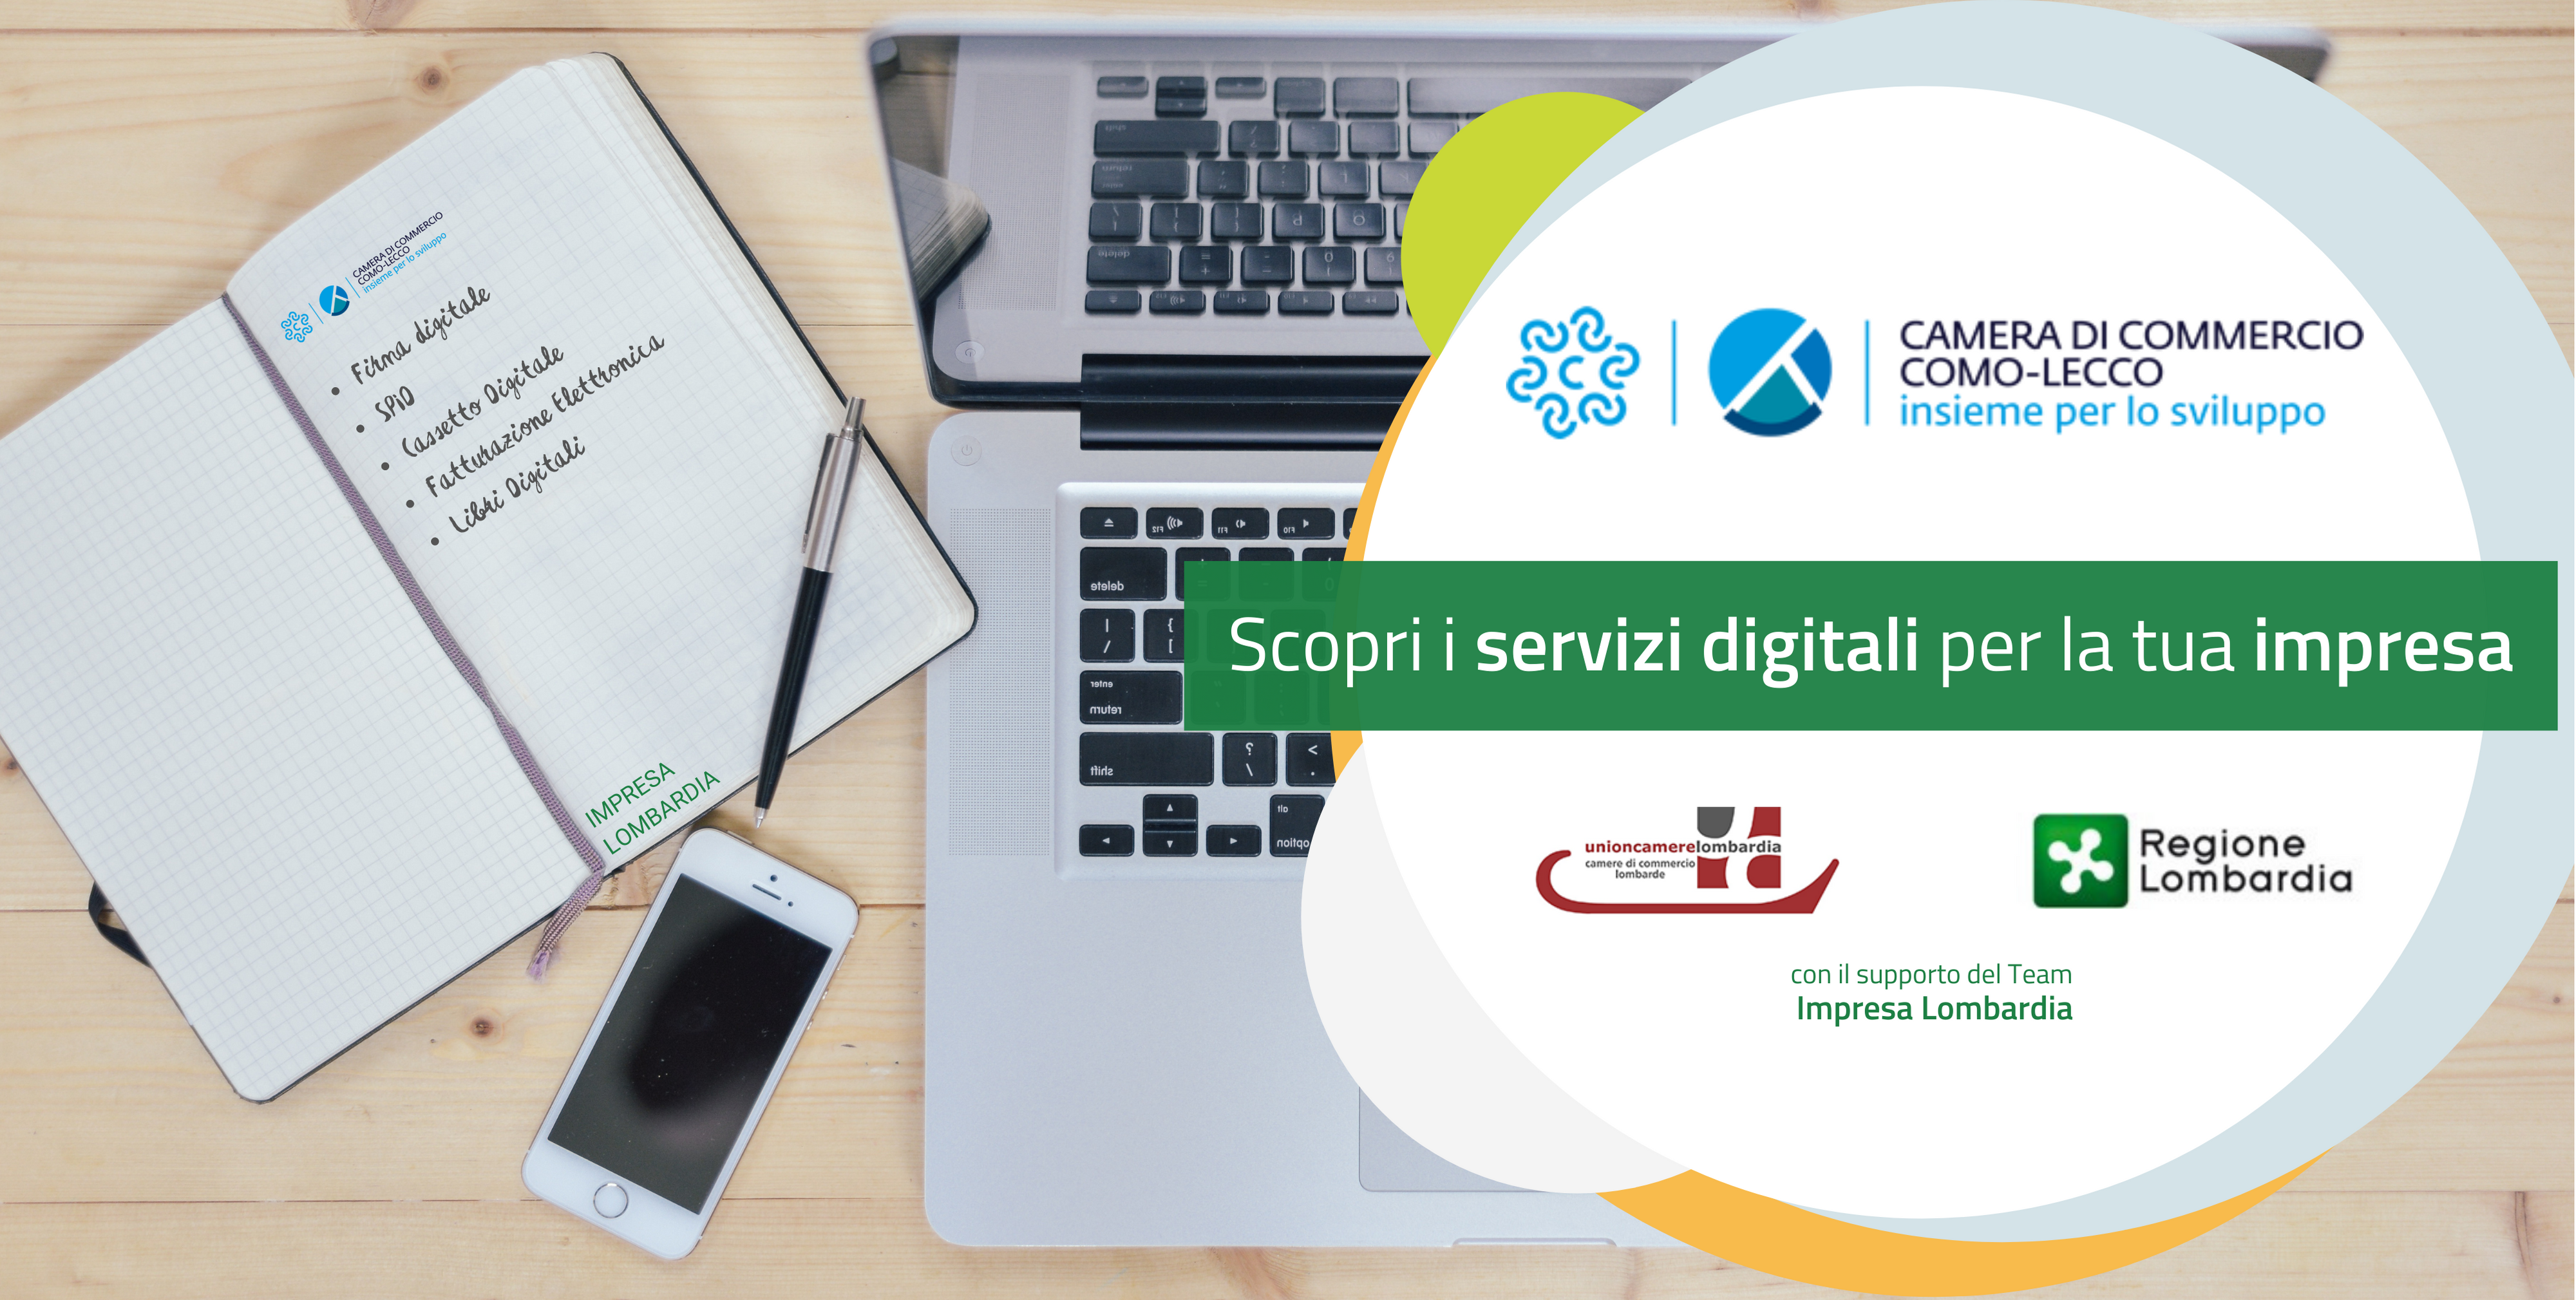 servizi-digitali